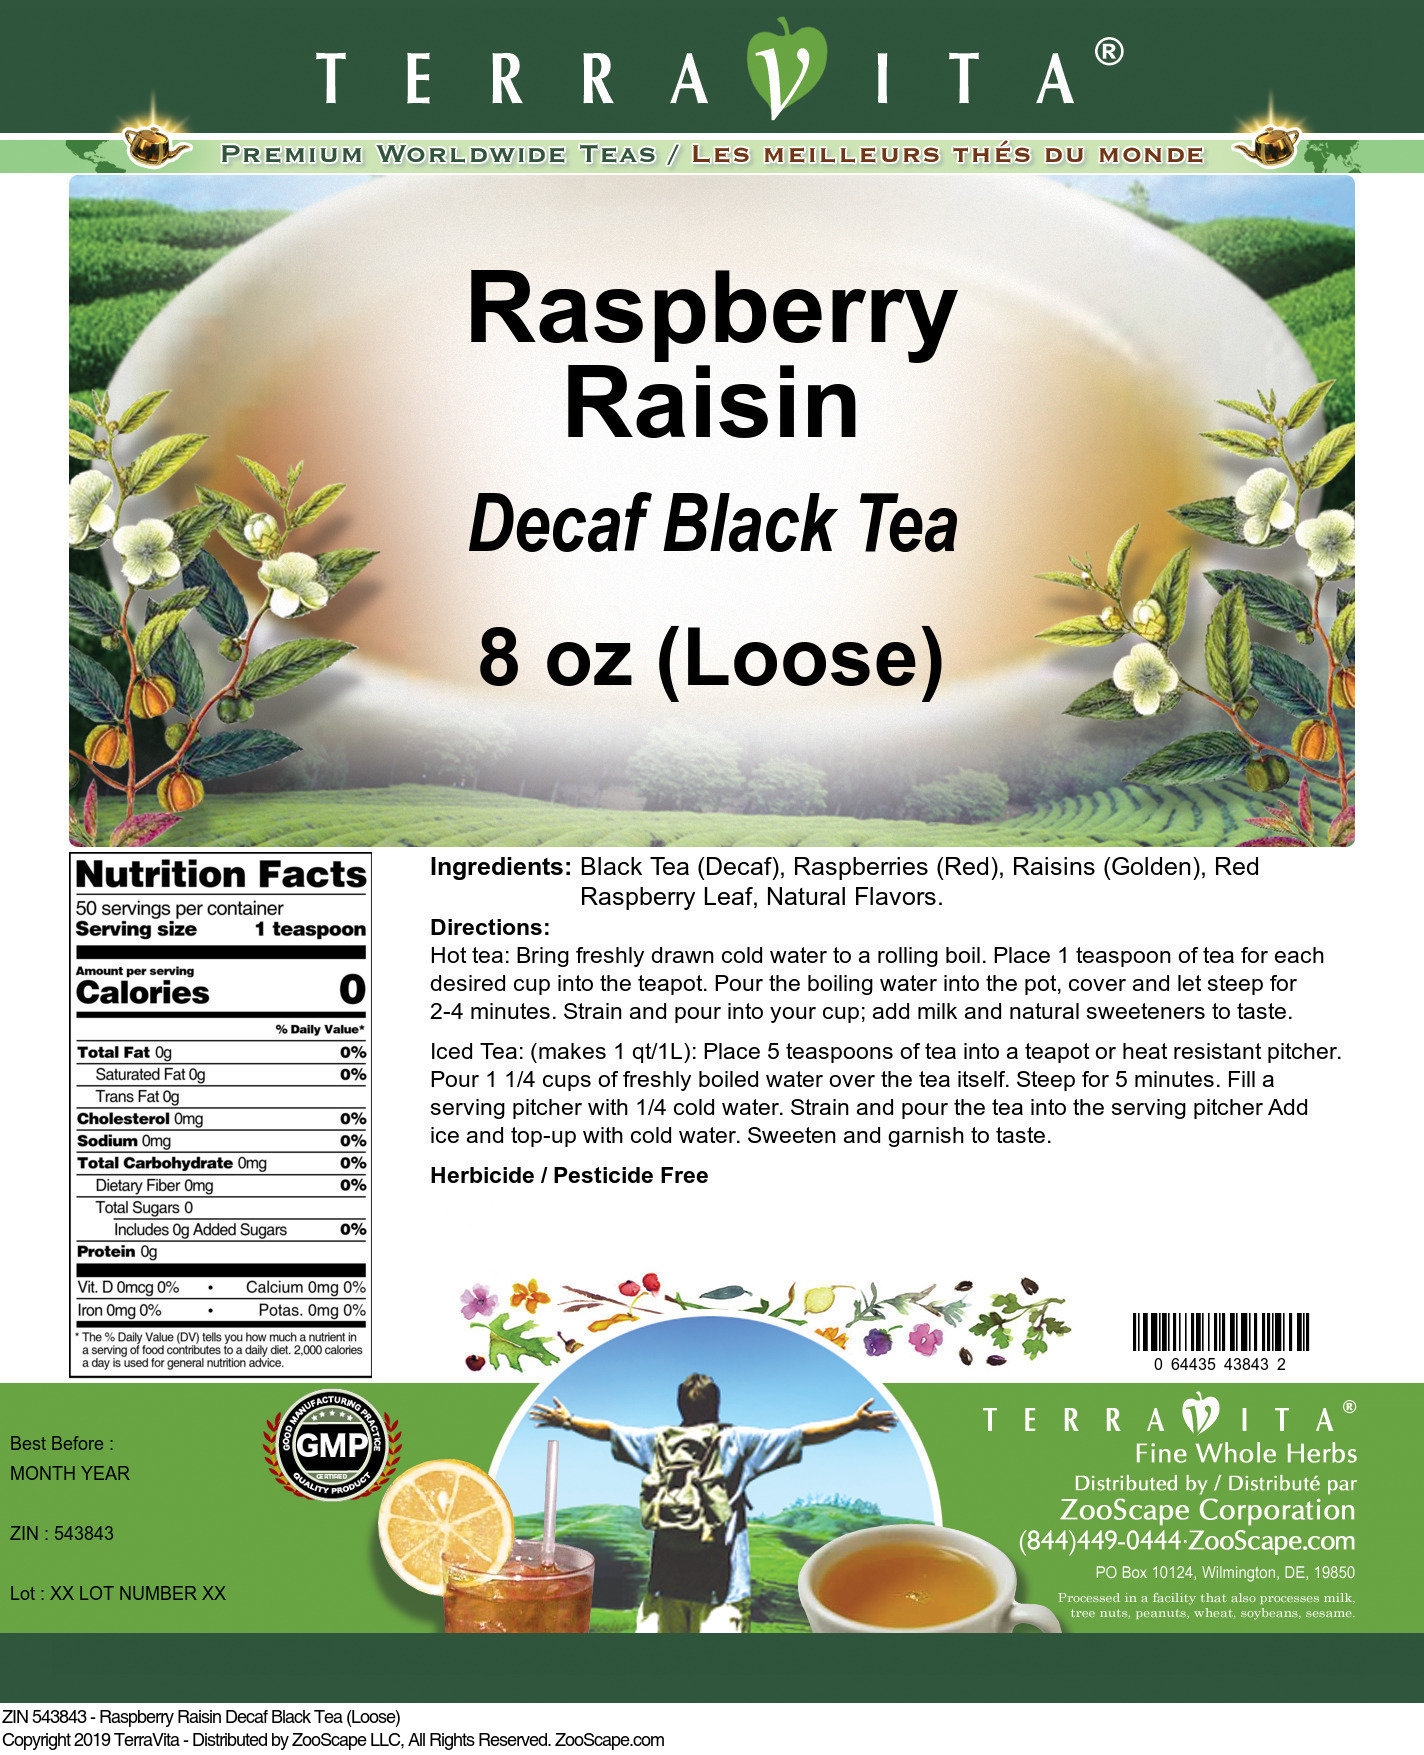 Raspberry Raisin Decaf Black Tea (Loose)